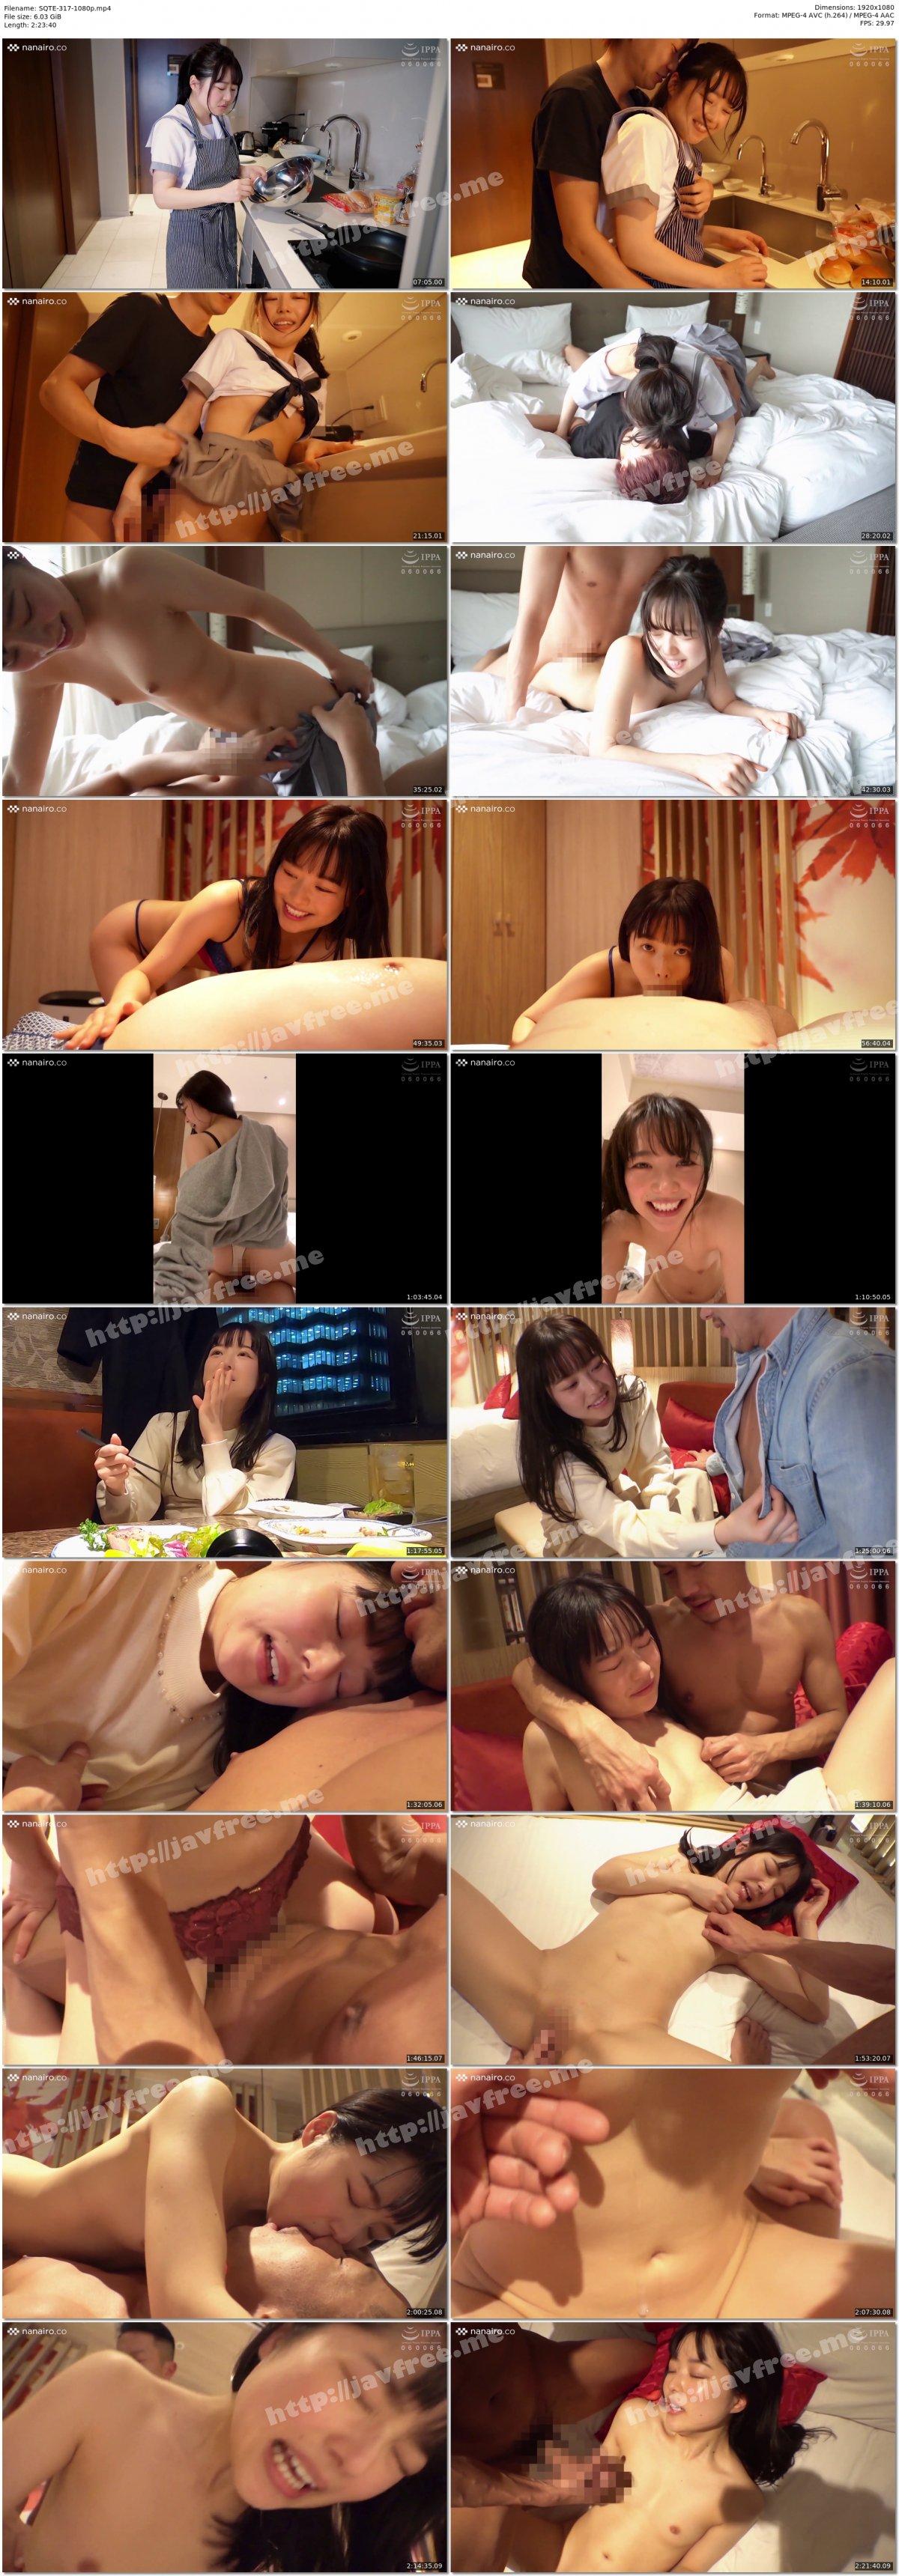 [HD][SQTE-317] マジで!?乳首でイっちゃう女-舐めても、吸っても、つねっても- 宮沢ちはる - image SQTE-317-1080p on https://javfree.me